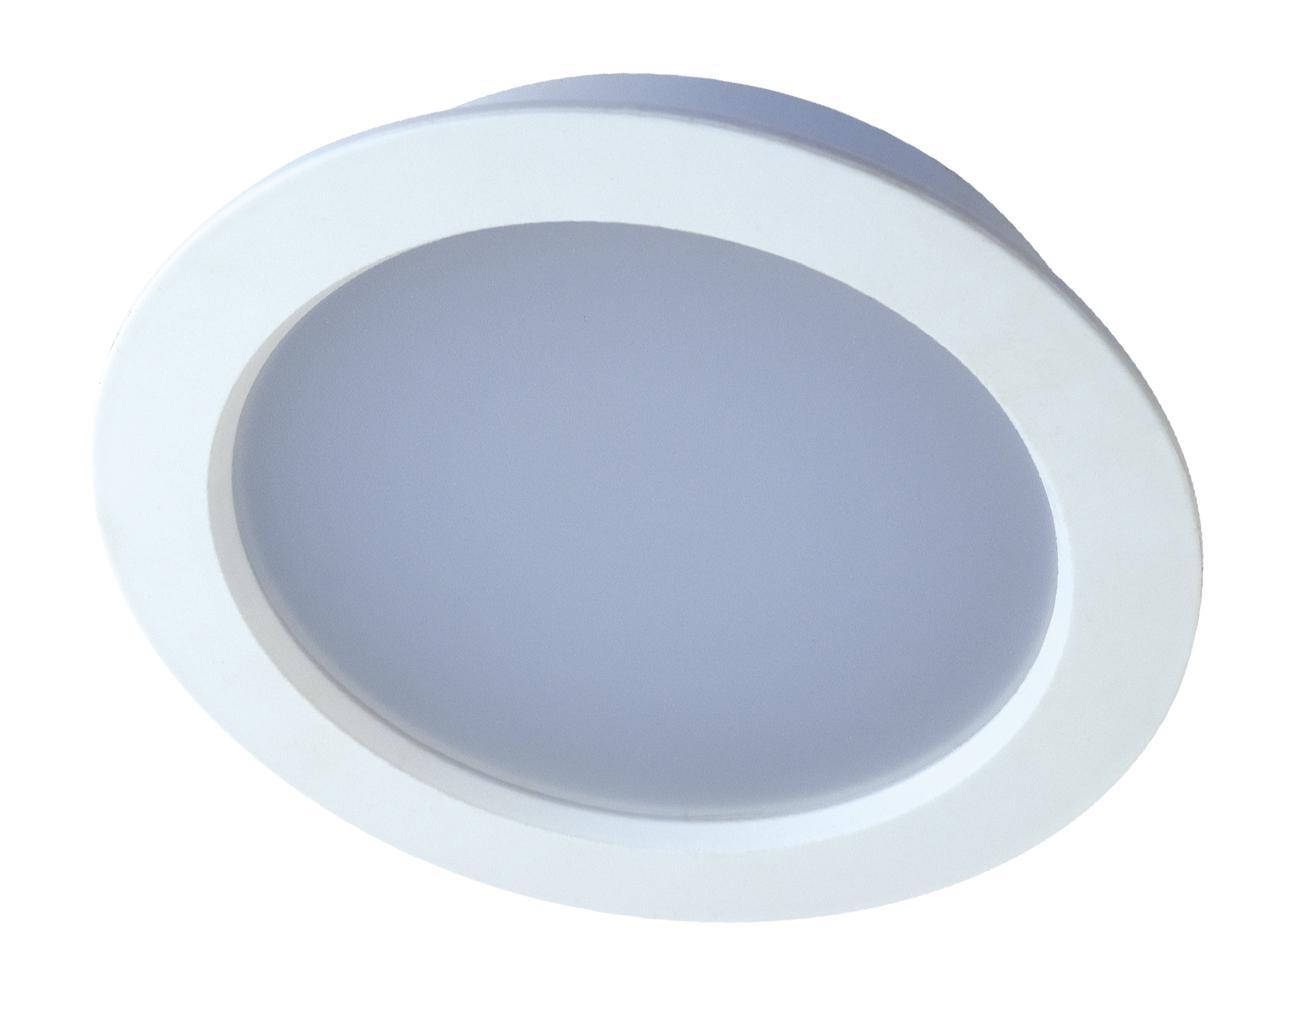 Светильник потолочный Ecowatt Sl-dlc-12